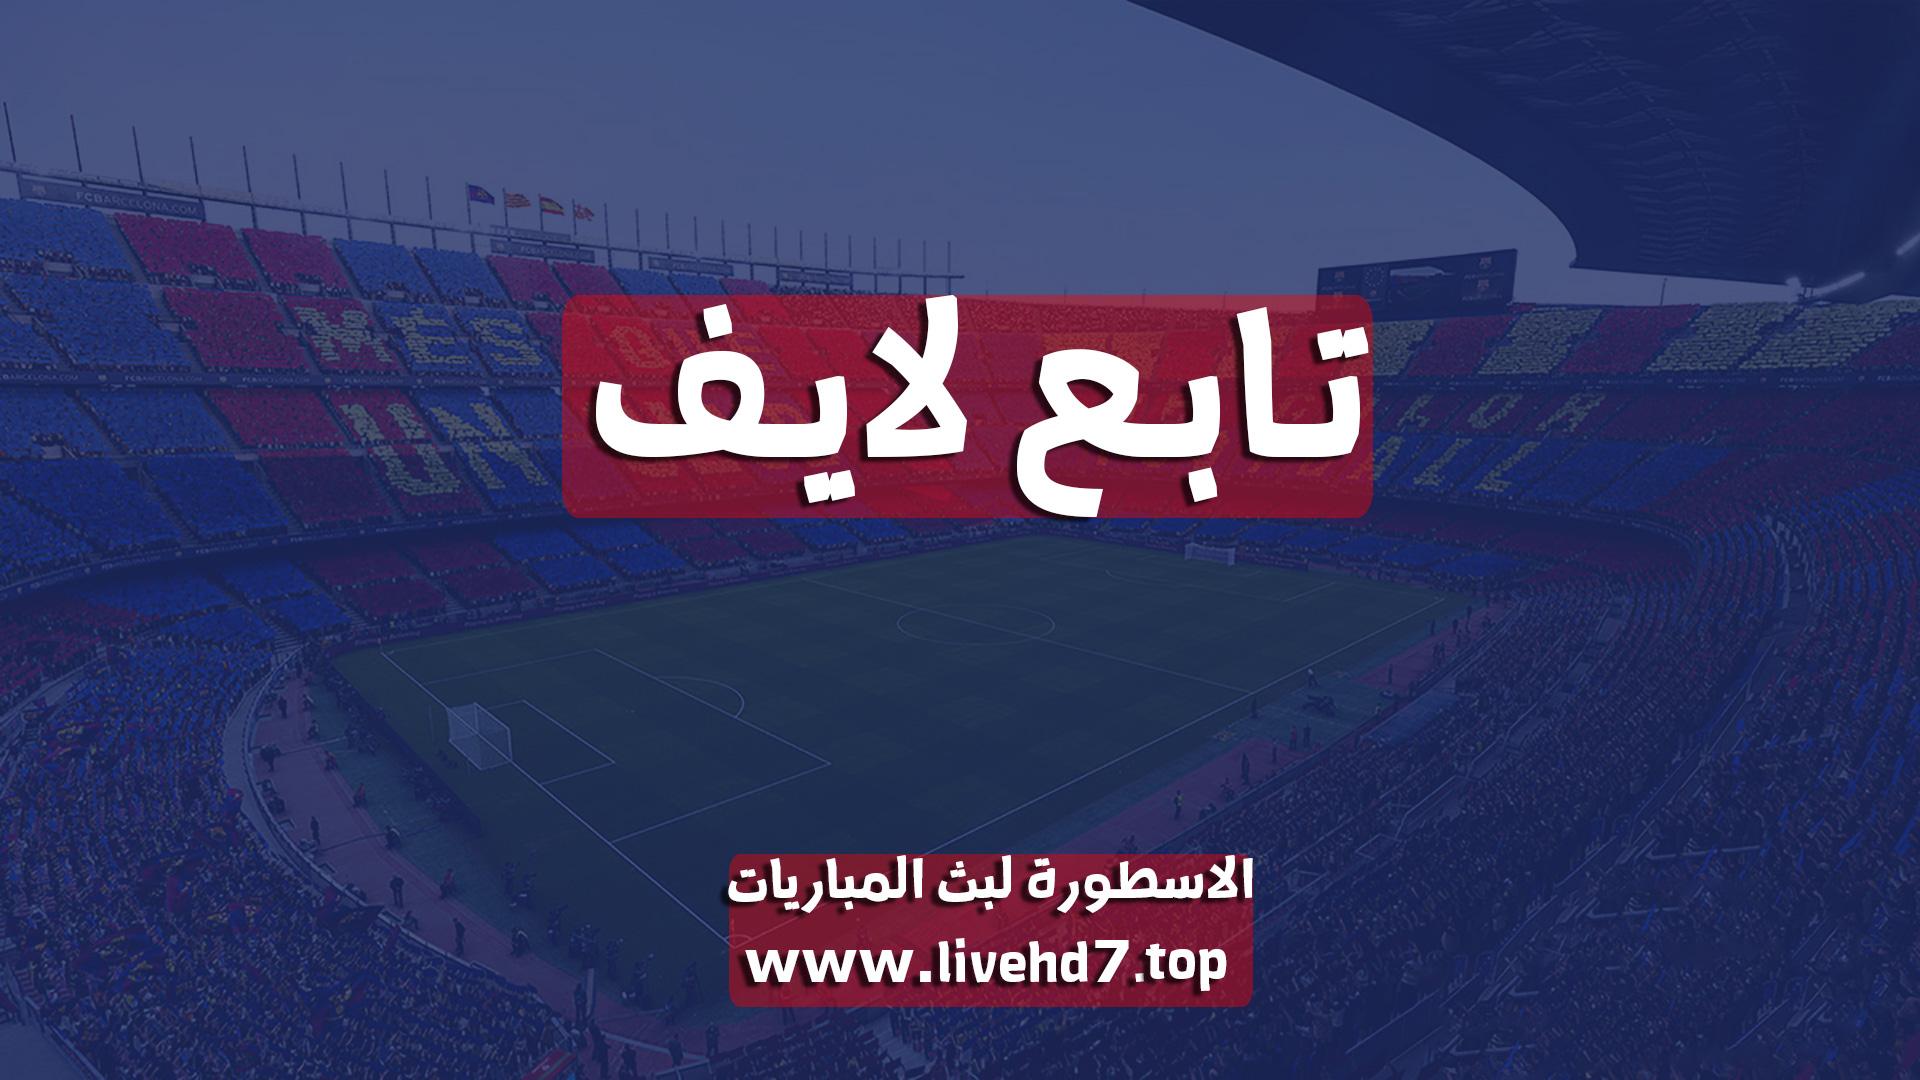 تابع لايف | Tab3Live مباريات اليوم بث مباشر | موقع تابع لايف الاسطورة